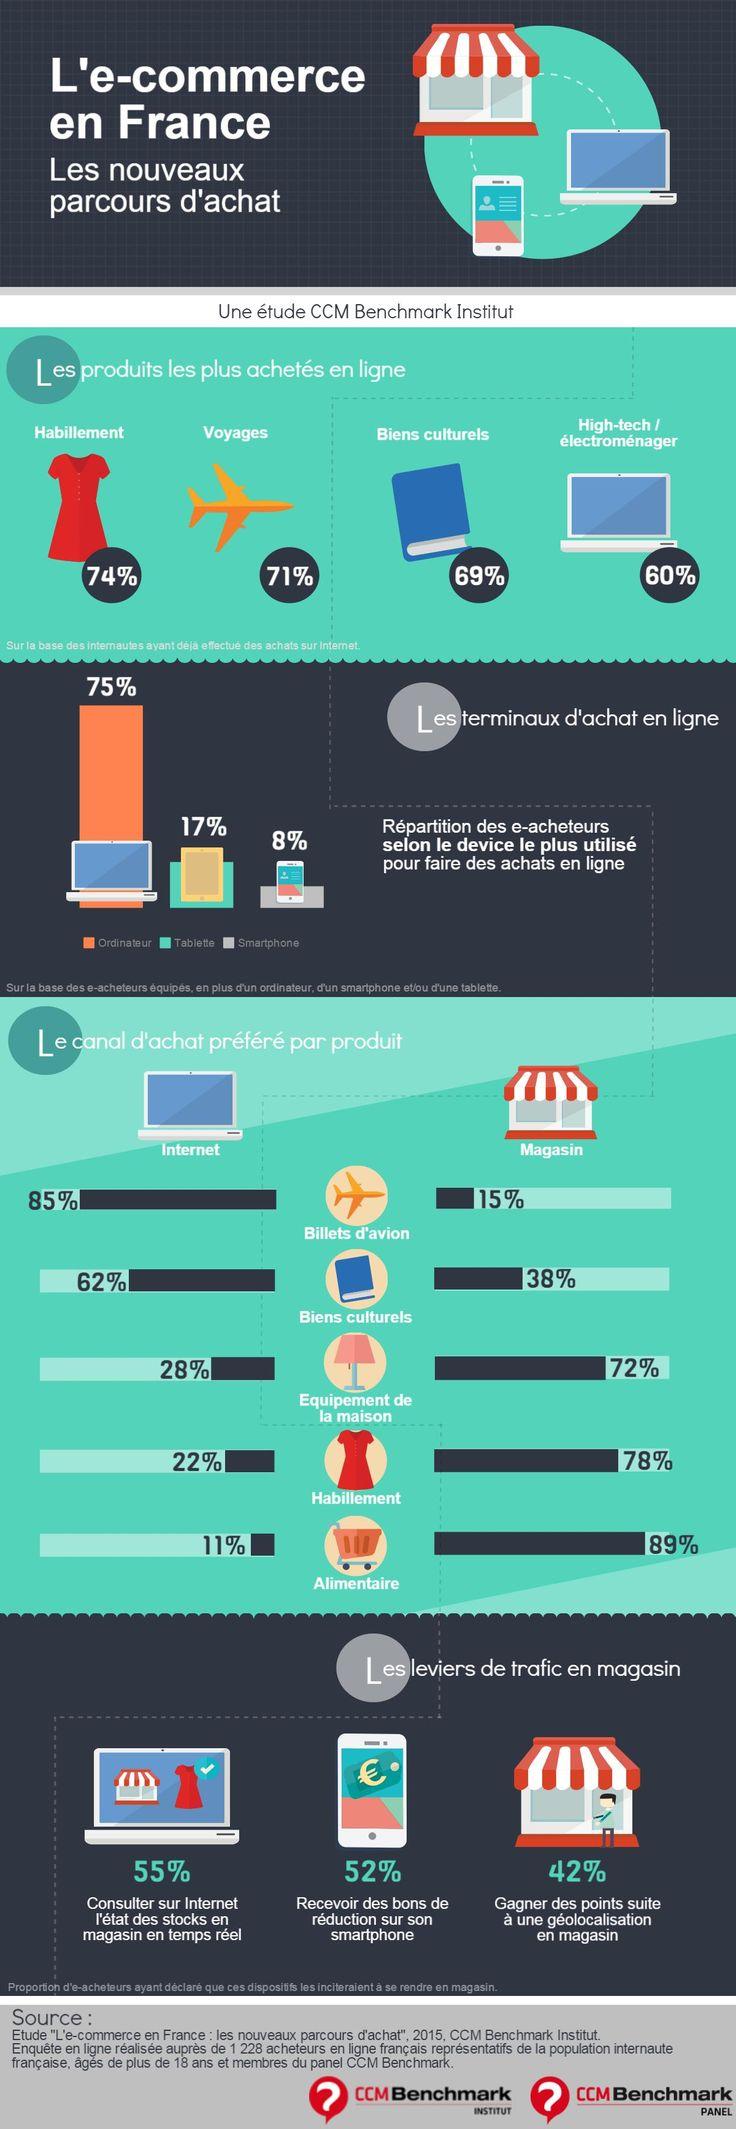 E-commerce : les nouveaux parcours d'achat des internautes français | Comarketing-News